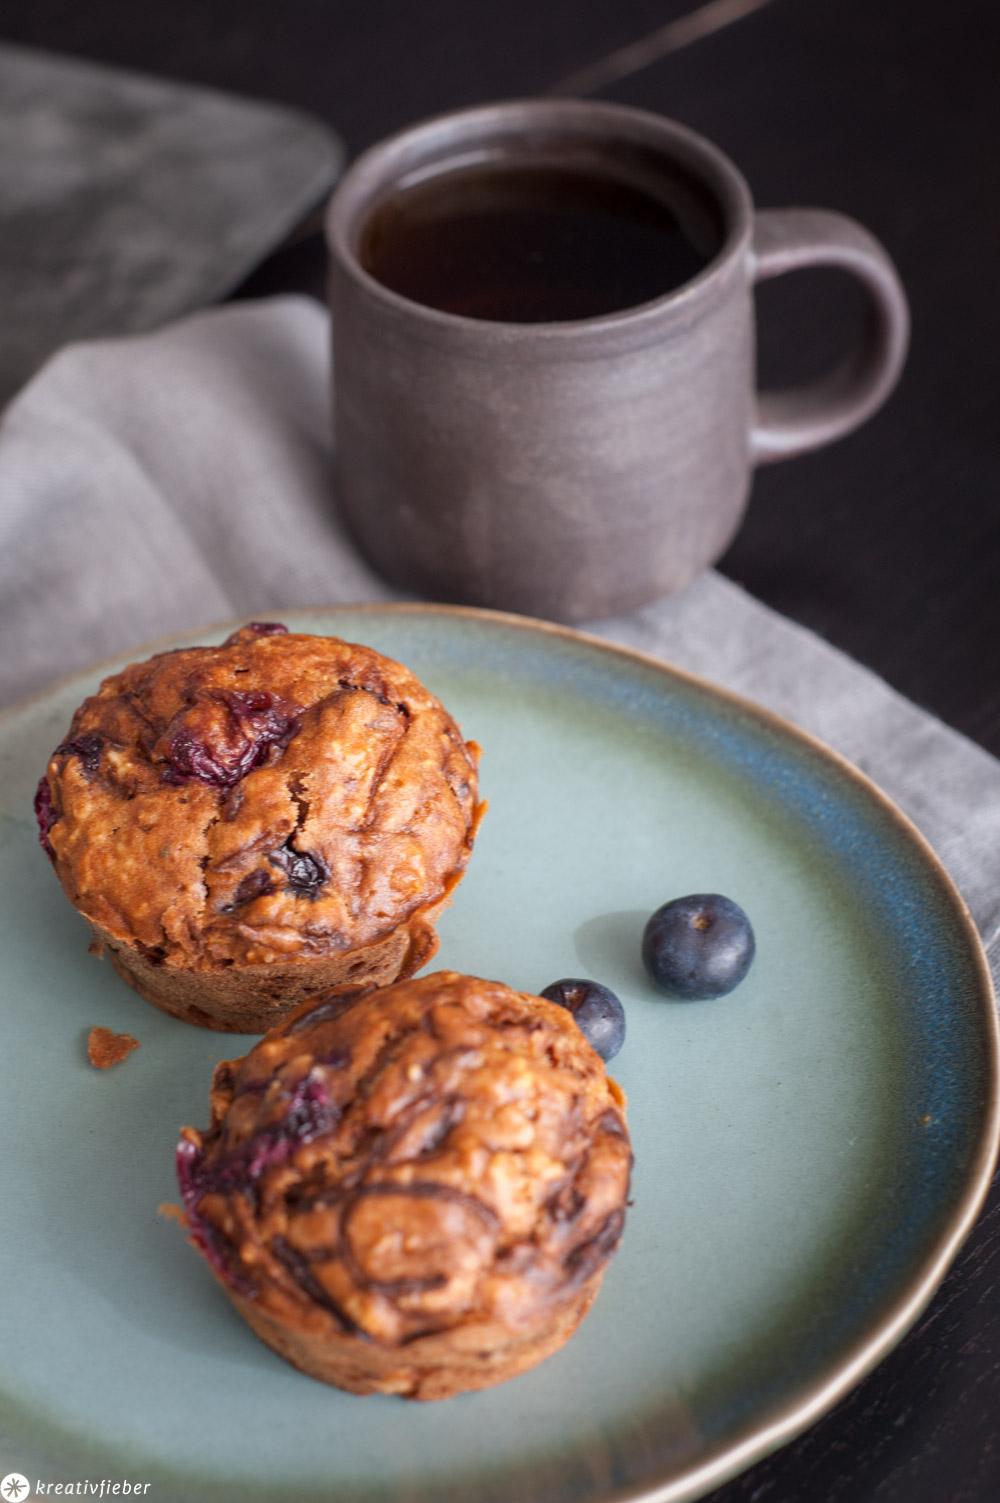 Haferflockenmuffins Blaubeeren auf Teller mit Tee